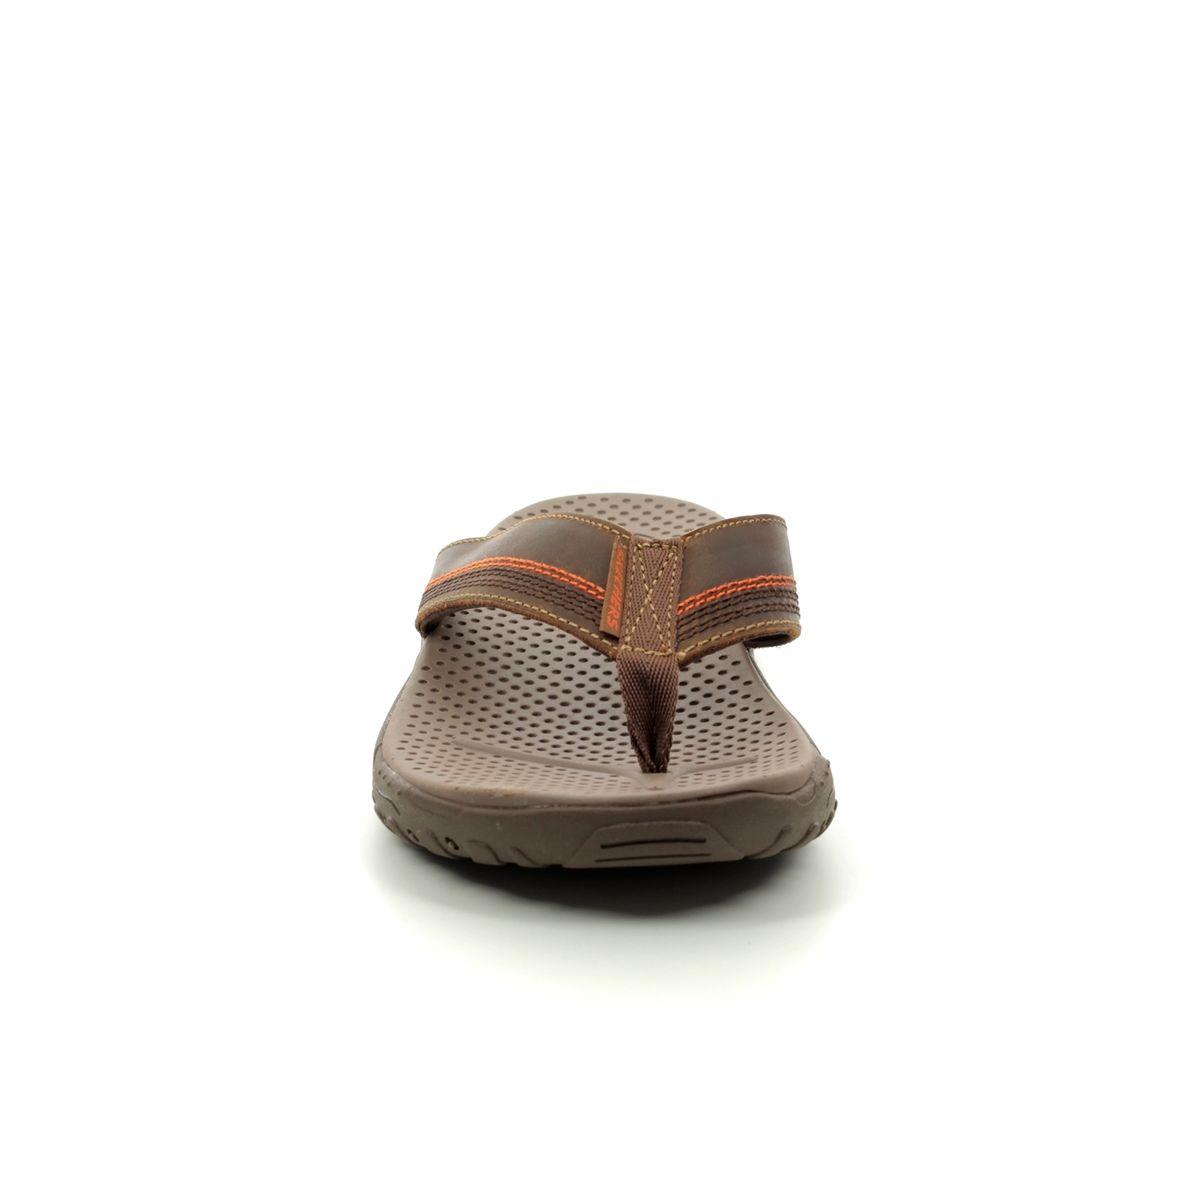 d82006b15 Skechers Reggae Cobano 65460 BRN Brown sandals